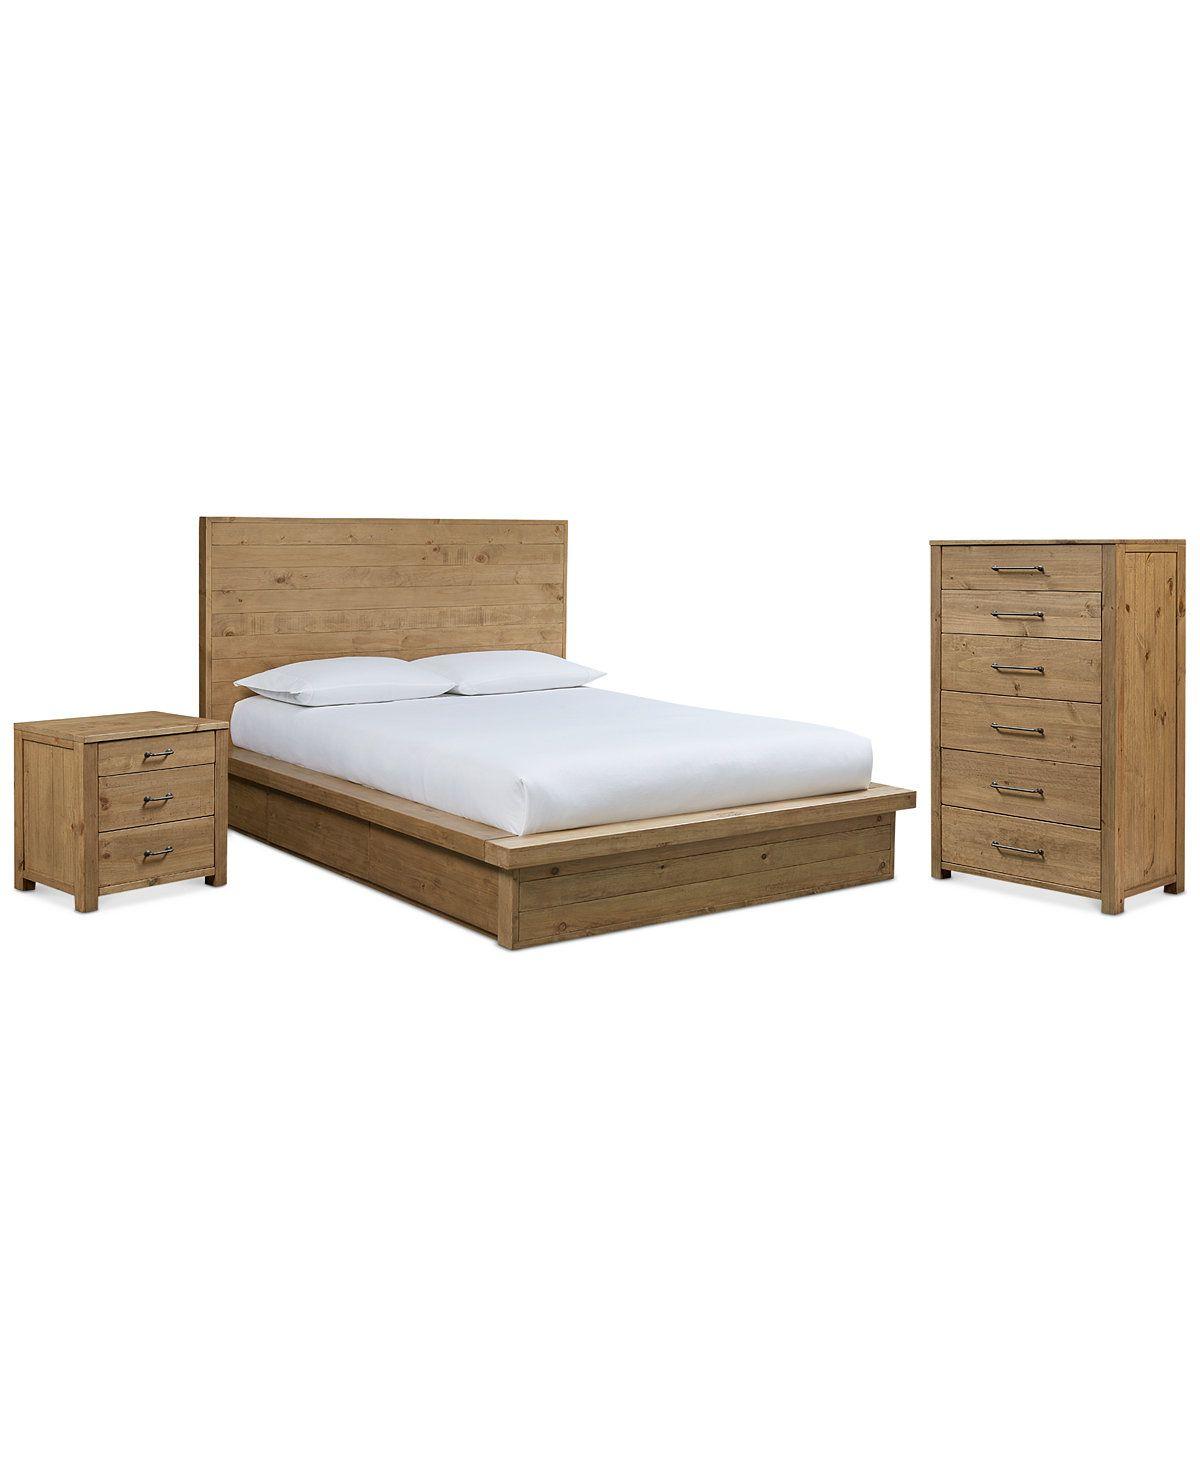 Abilene Storage Platform Bedroom Furniture, 3-Pc. Bedroom Set (Queen ...